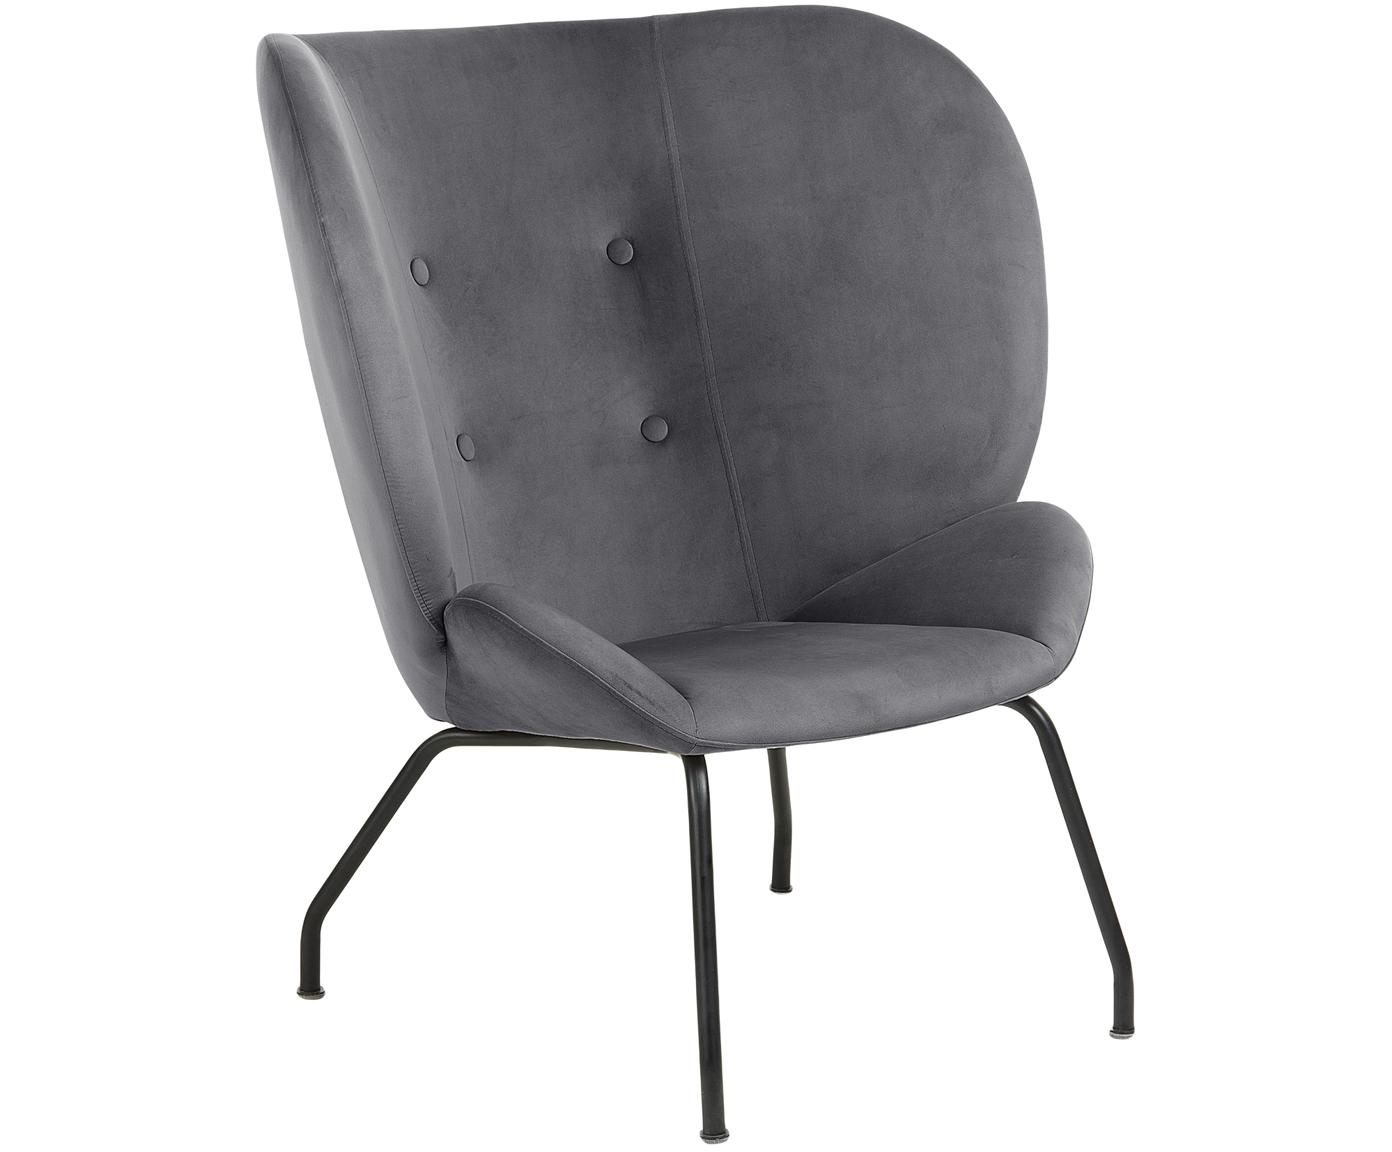 Sedia a poltrona moderna in velluto Vernen, Velluto, metallo, Velluto grigio scuro, Larg. 90 x Prof. 82 cm